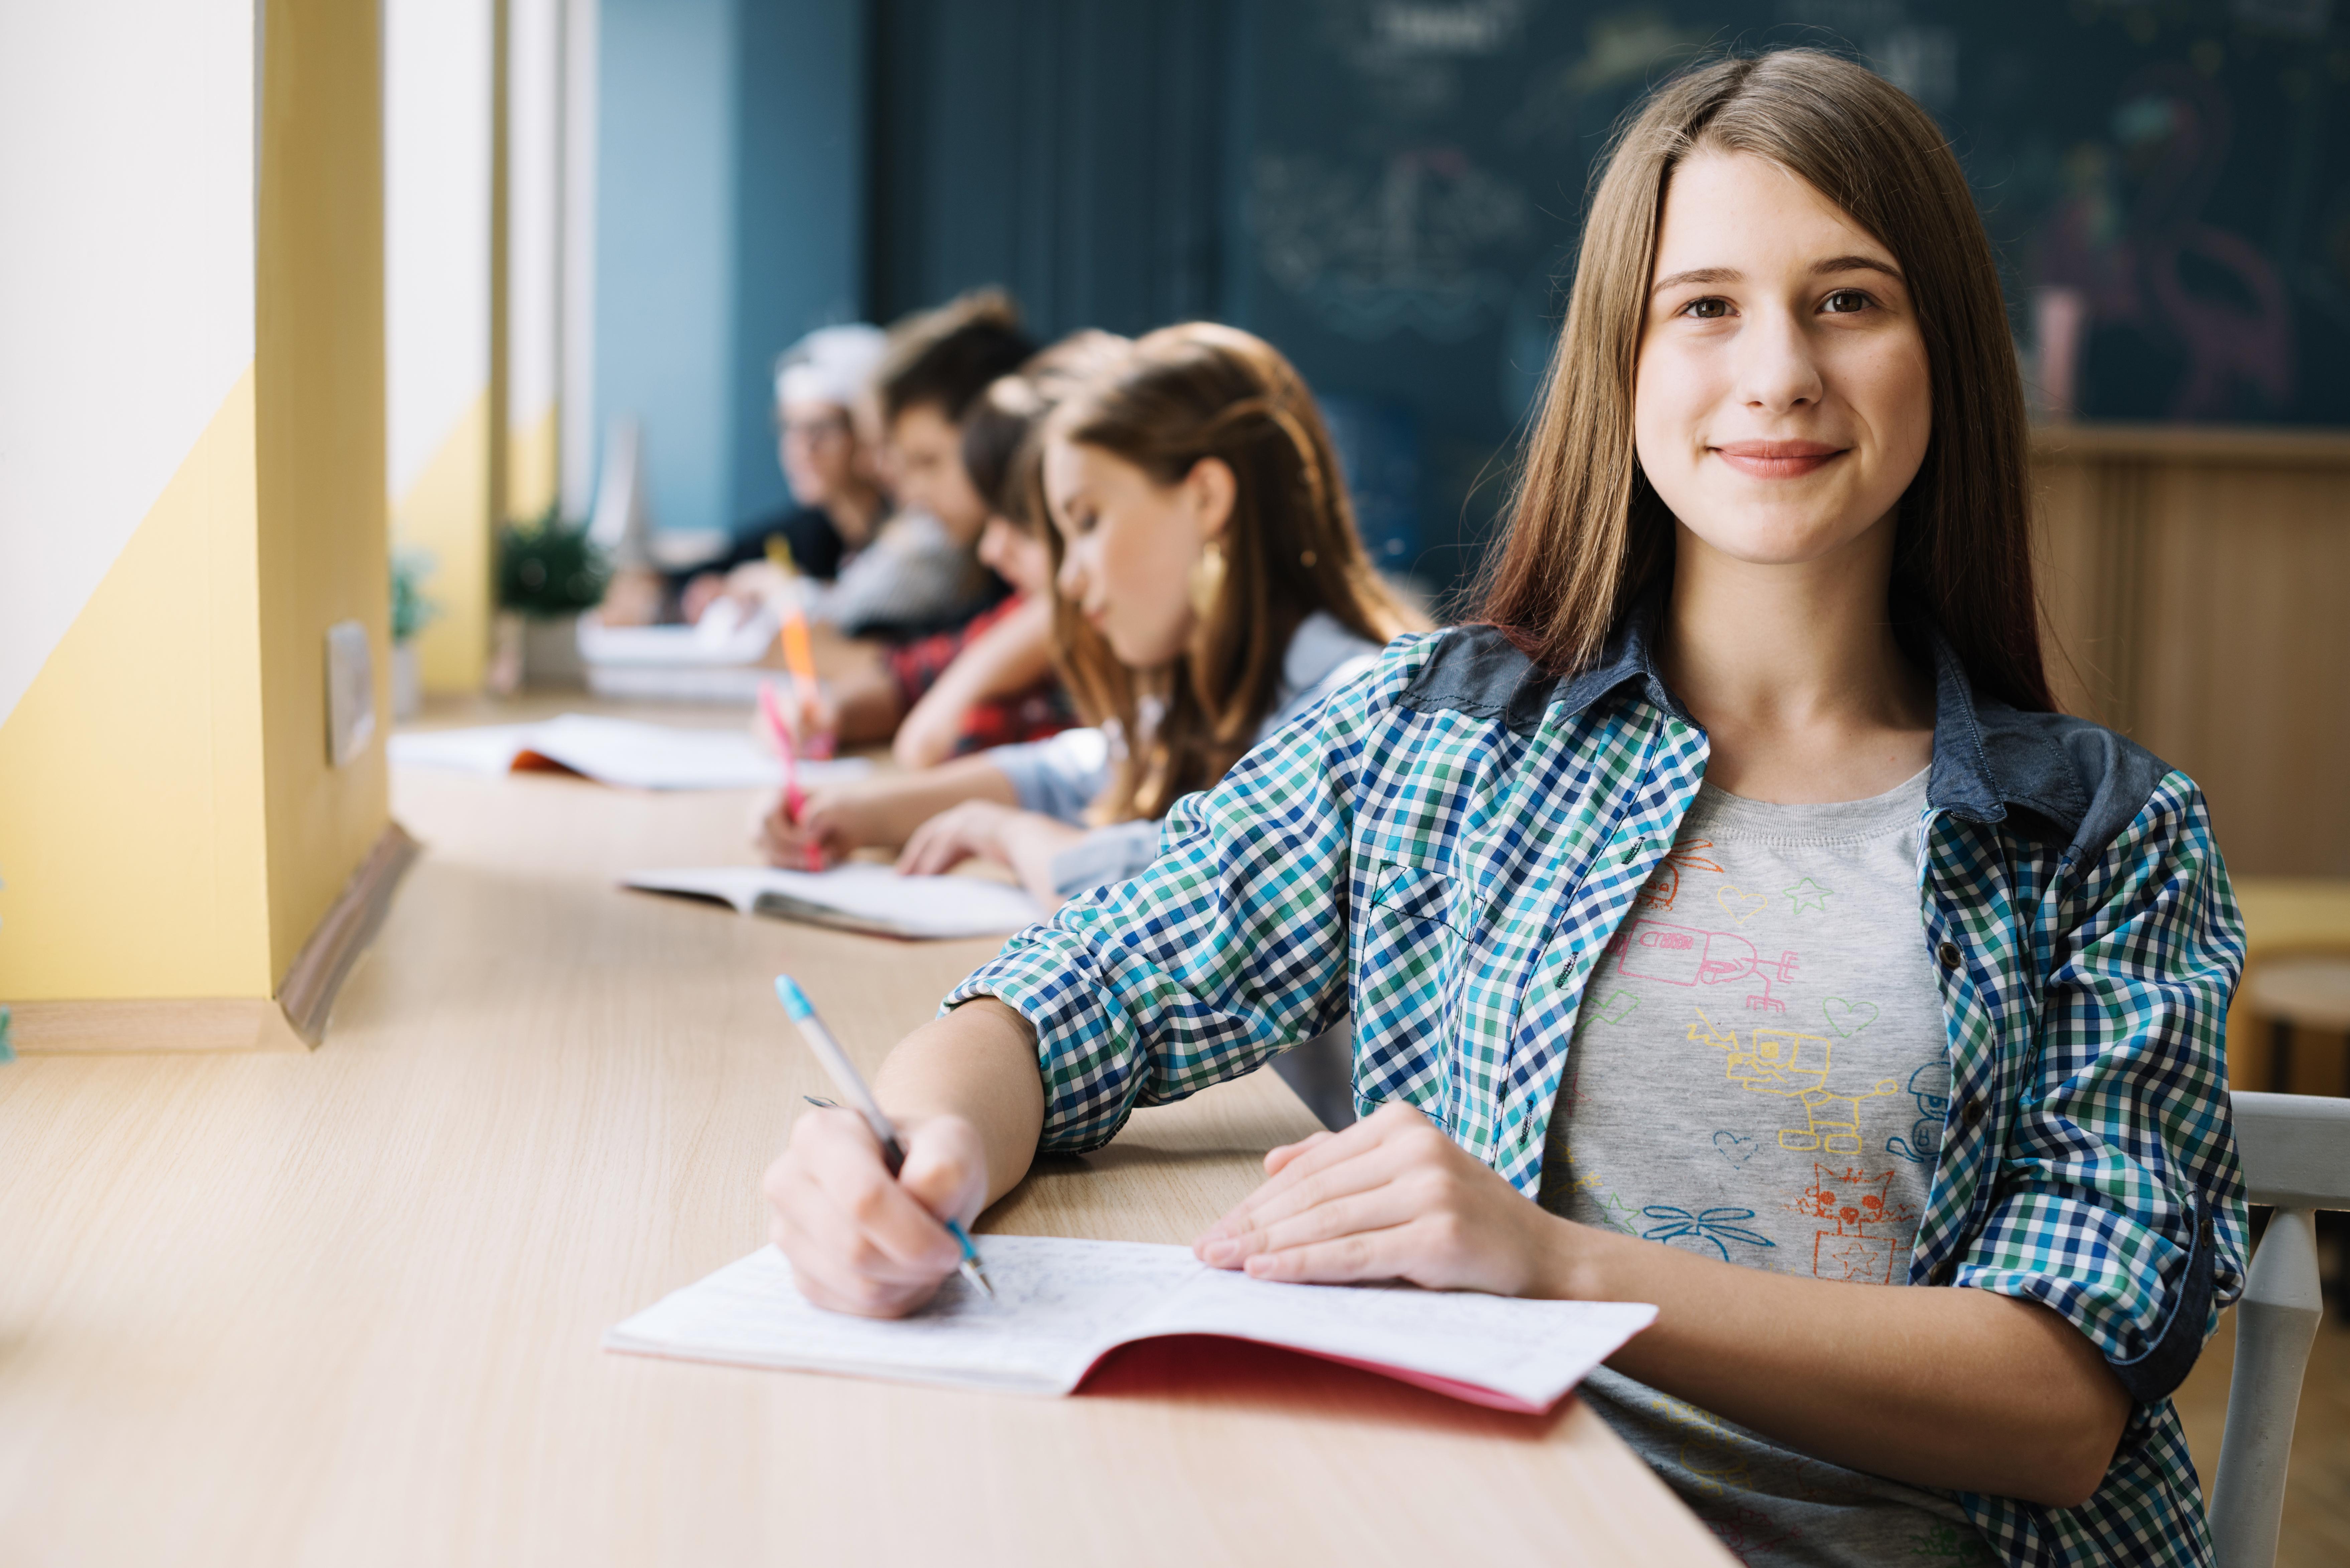 uczniowie w sali lekcyjnej